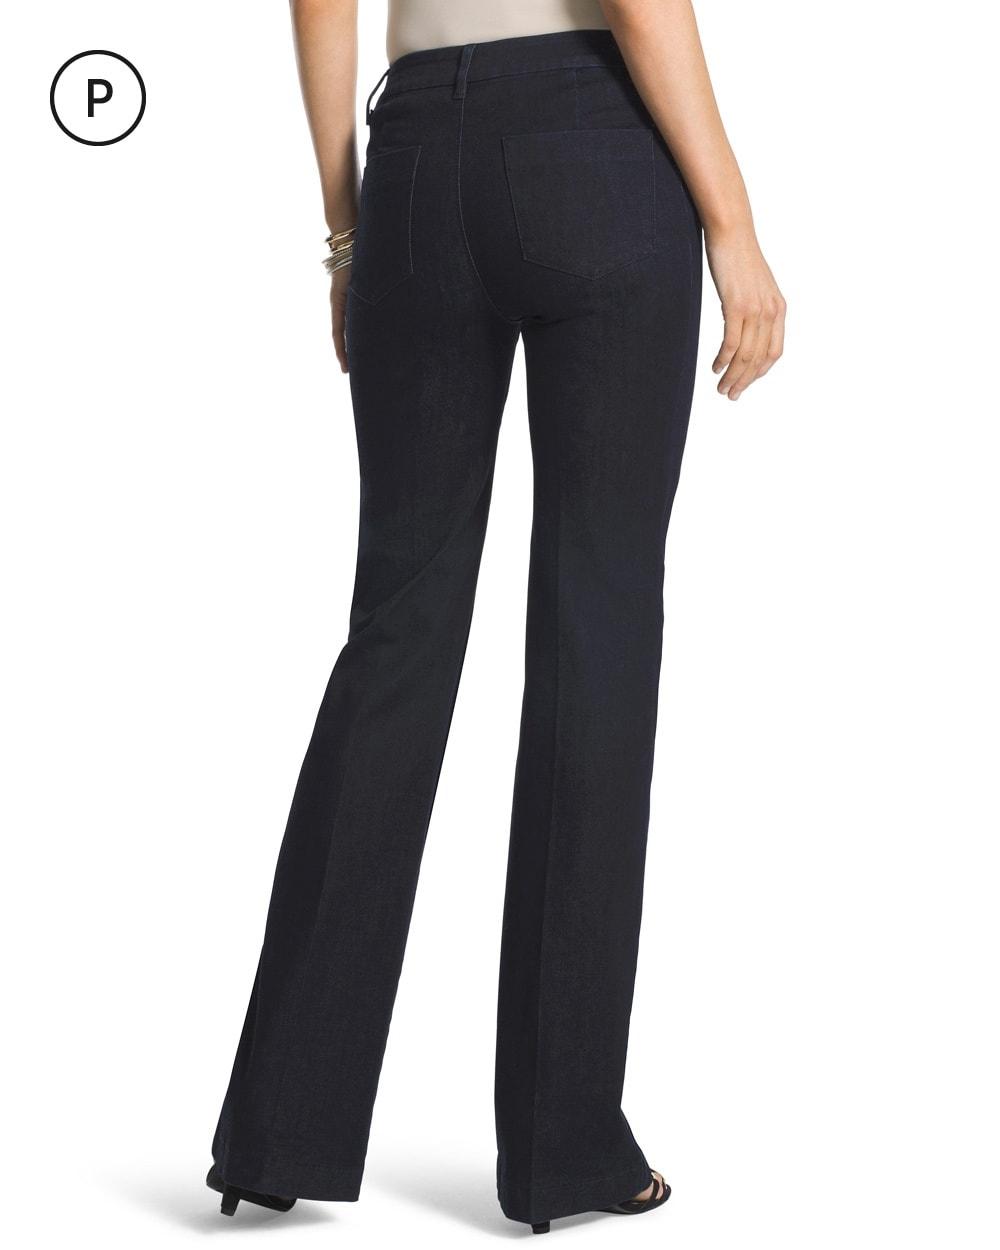 Petite Platinum Trouser Jeans - Chicos